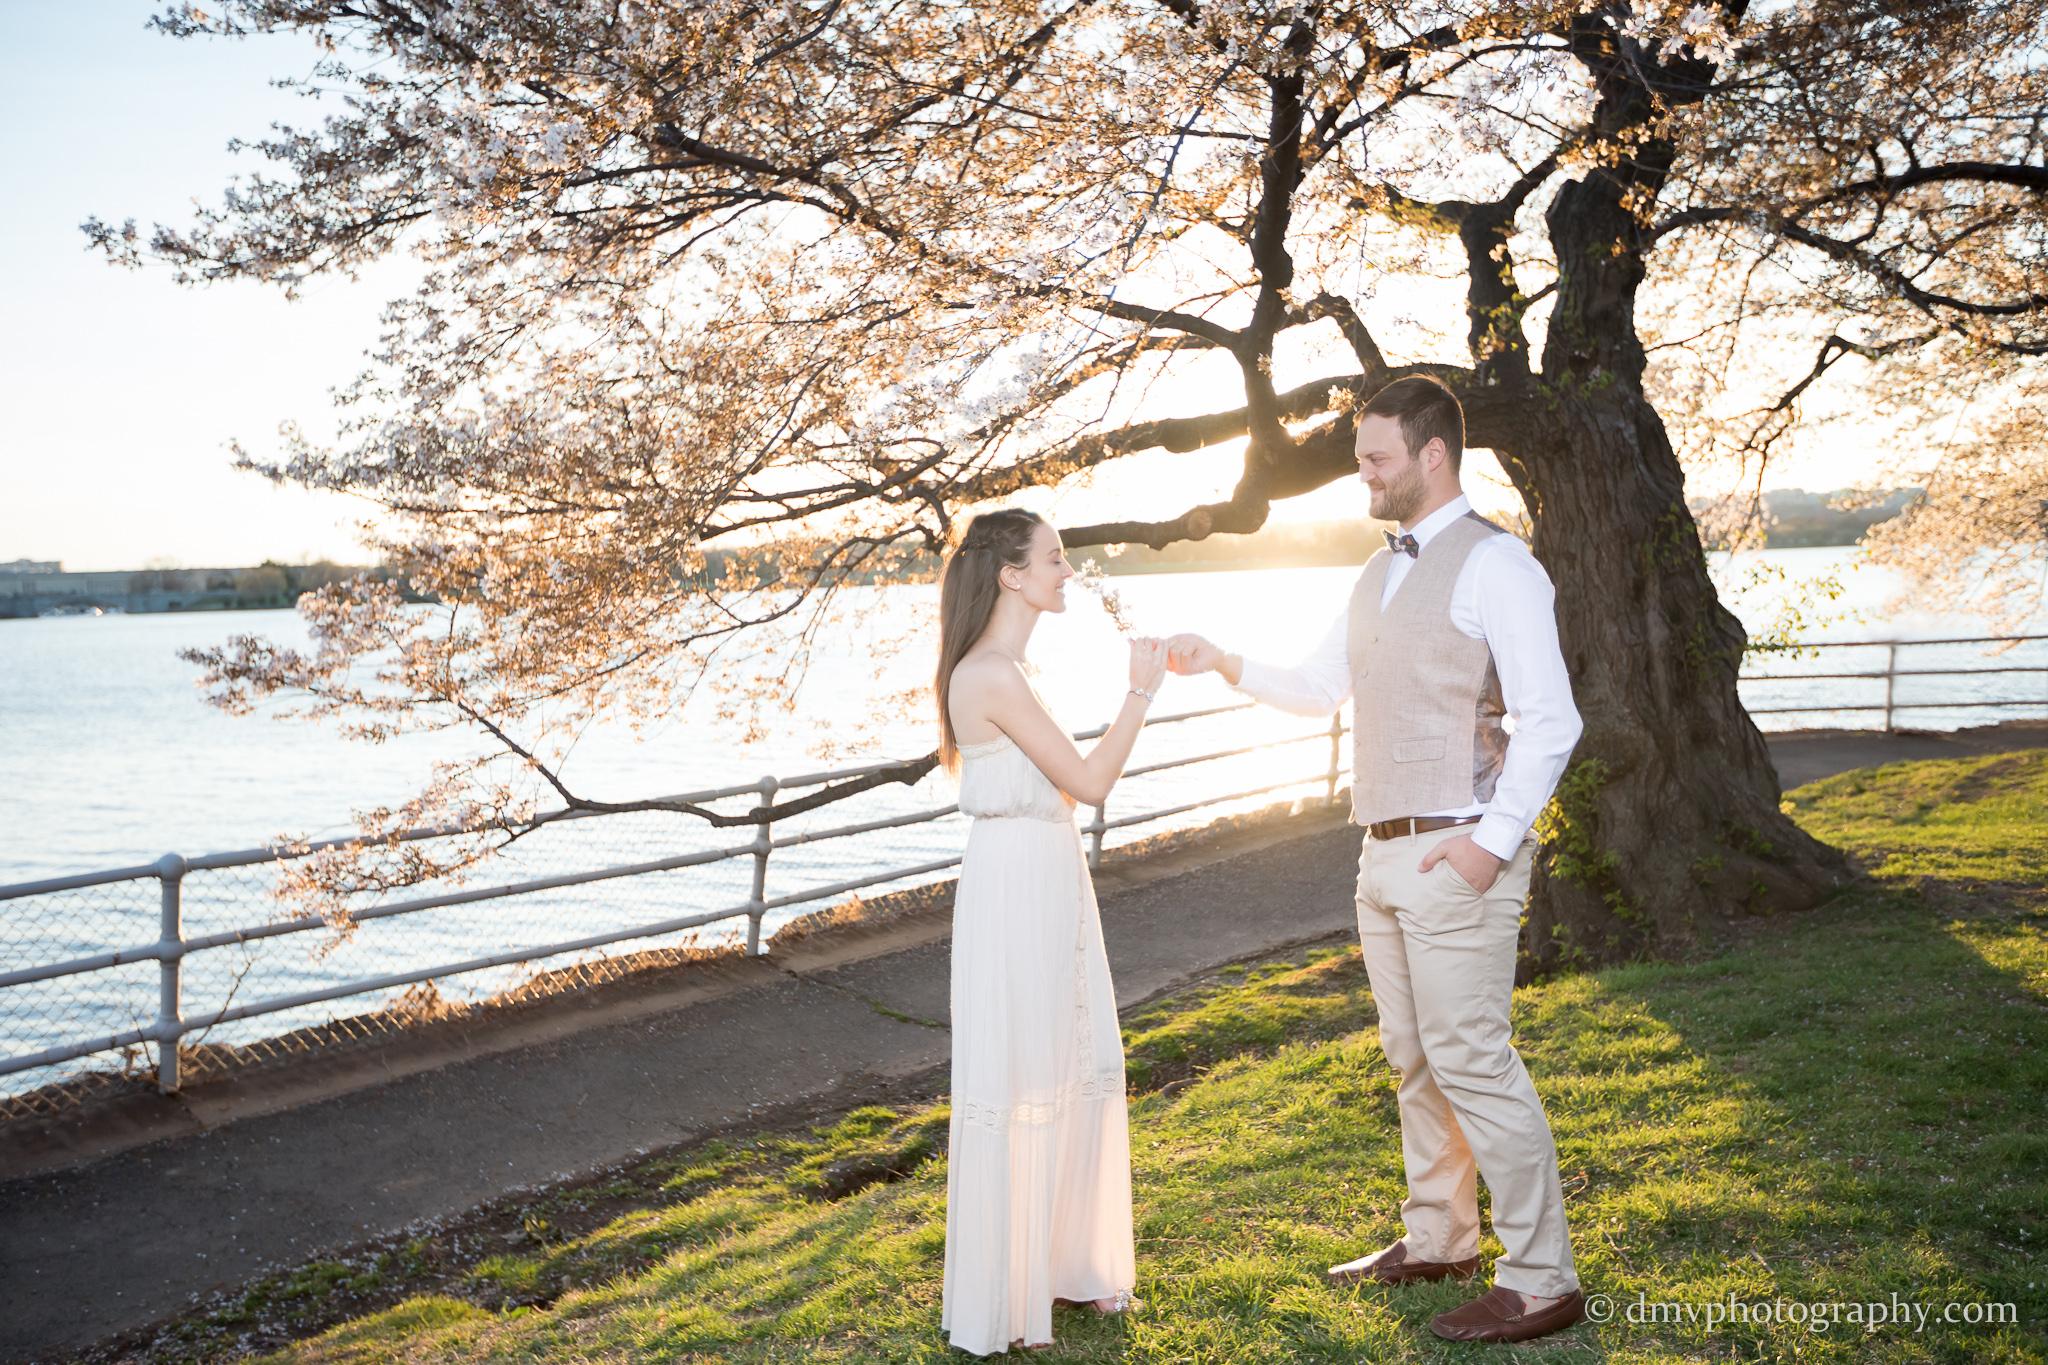 2017-03-29 - Cherry Blossom  - 00128